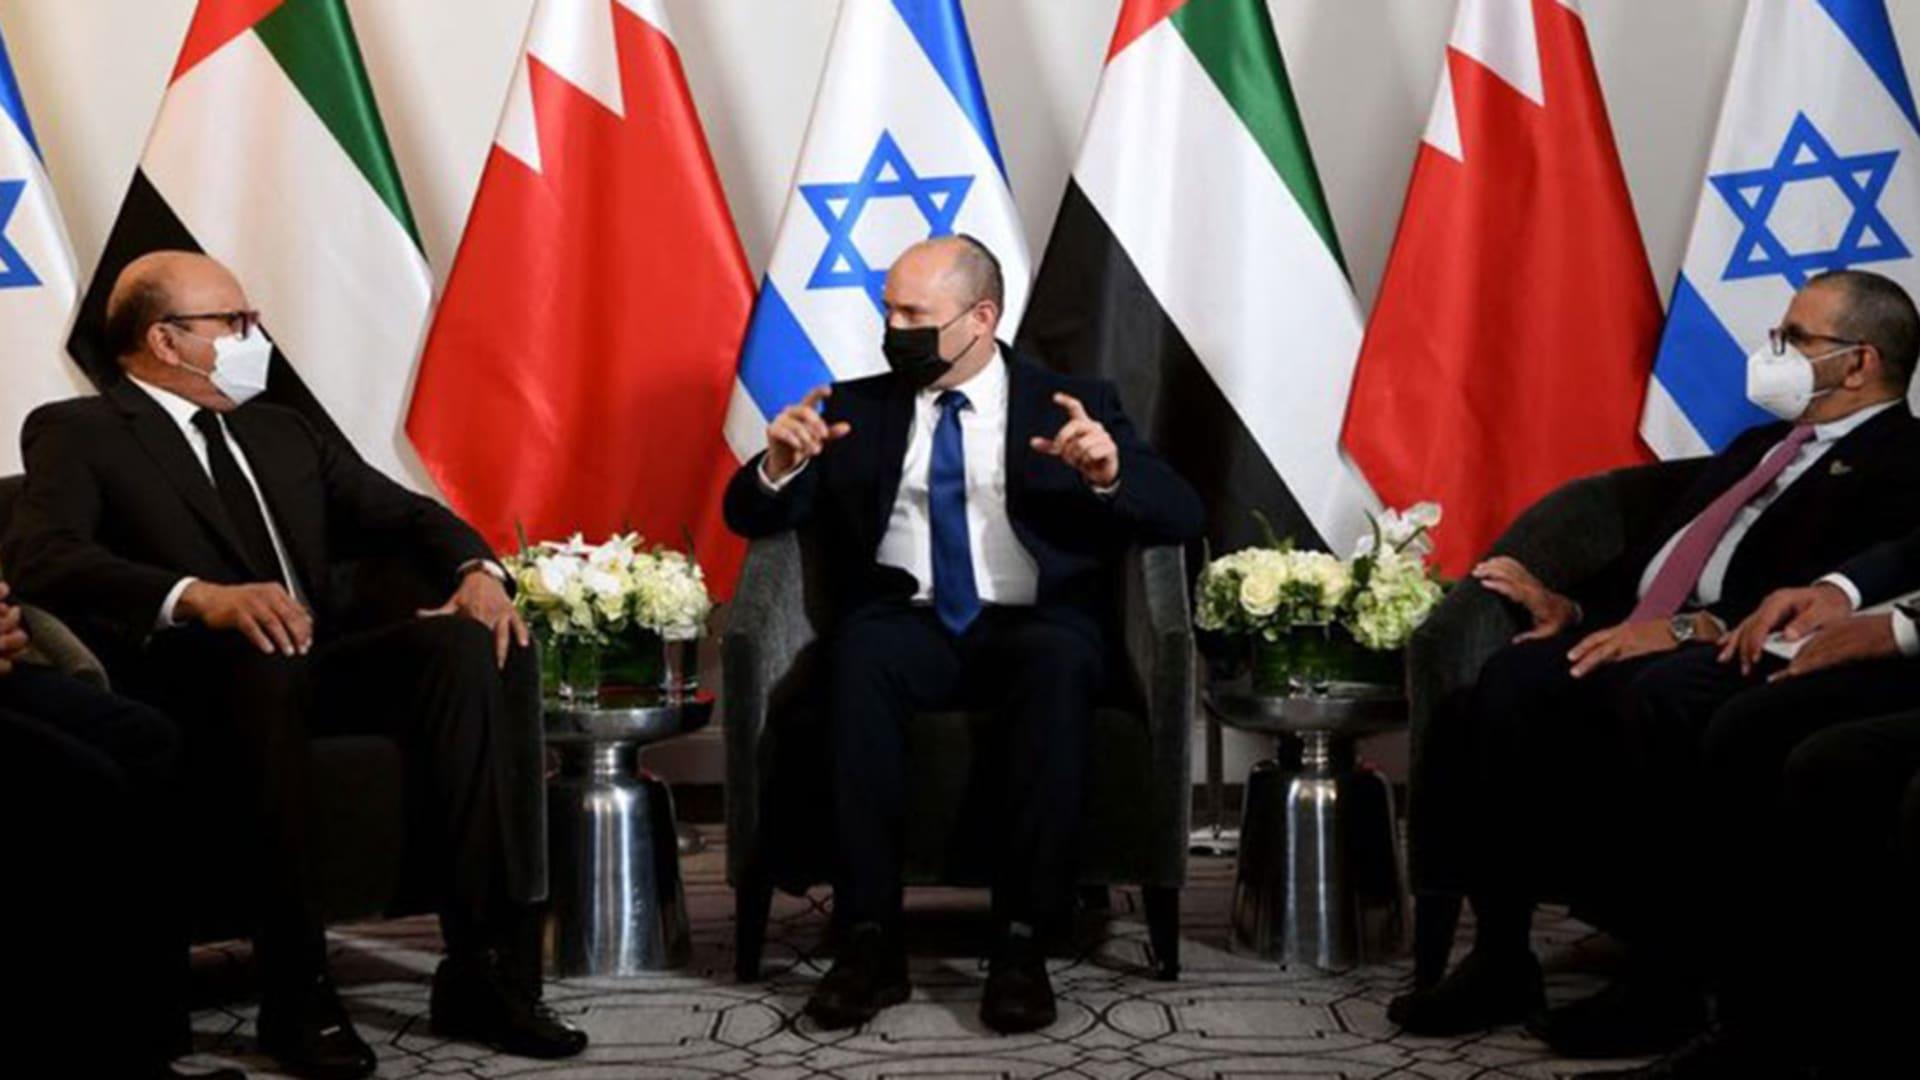 رئيس وزراء إسرائيل يلتقي وزيرين إماراتي وبحريني في نيويورك